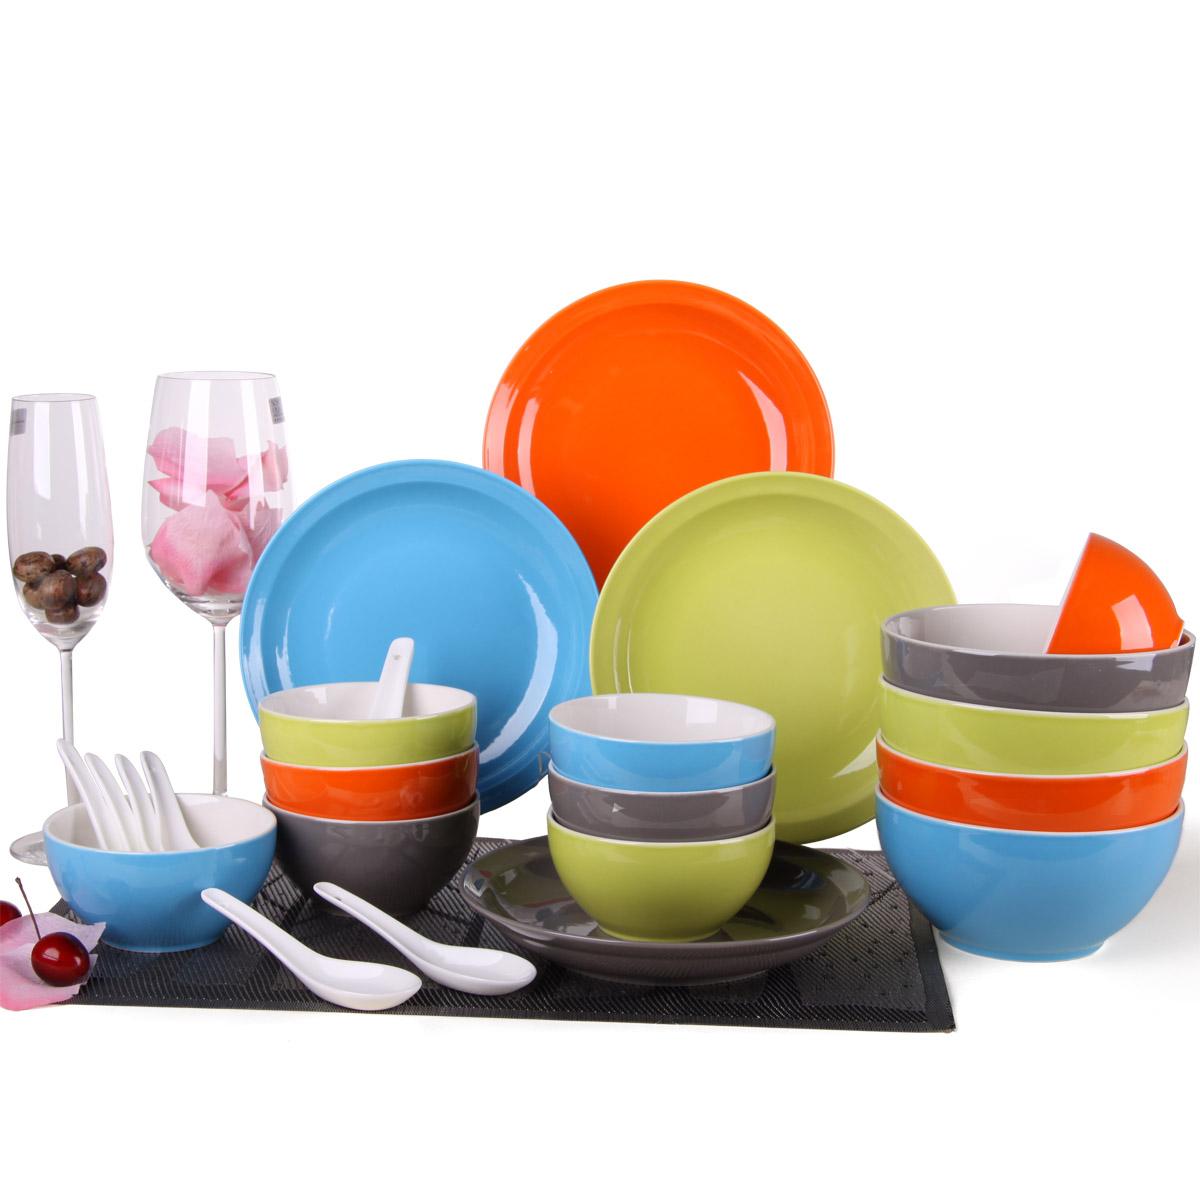 日日和 厨房用具餐饮用品骨瓷餐具套装瓷器餐具陶瓷餐具 24头